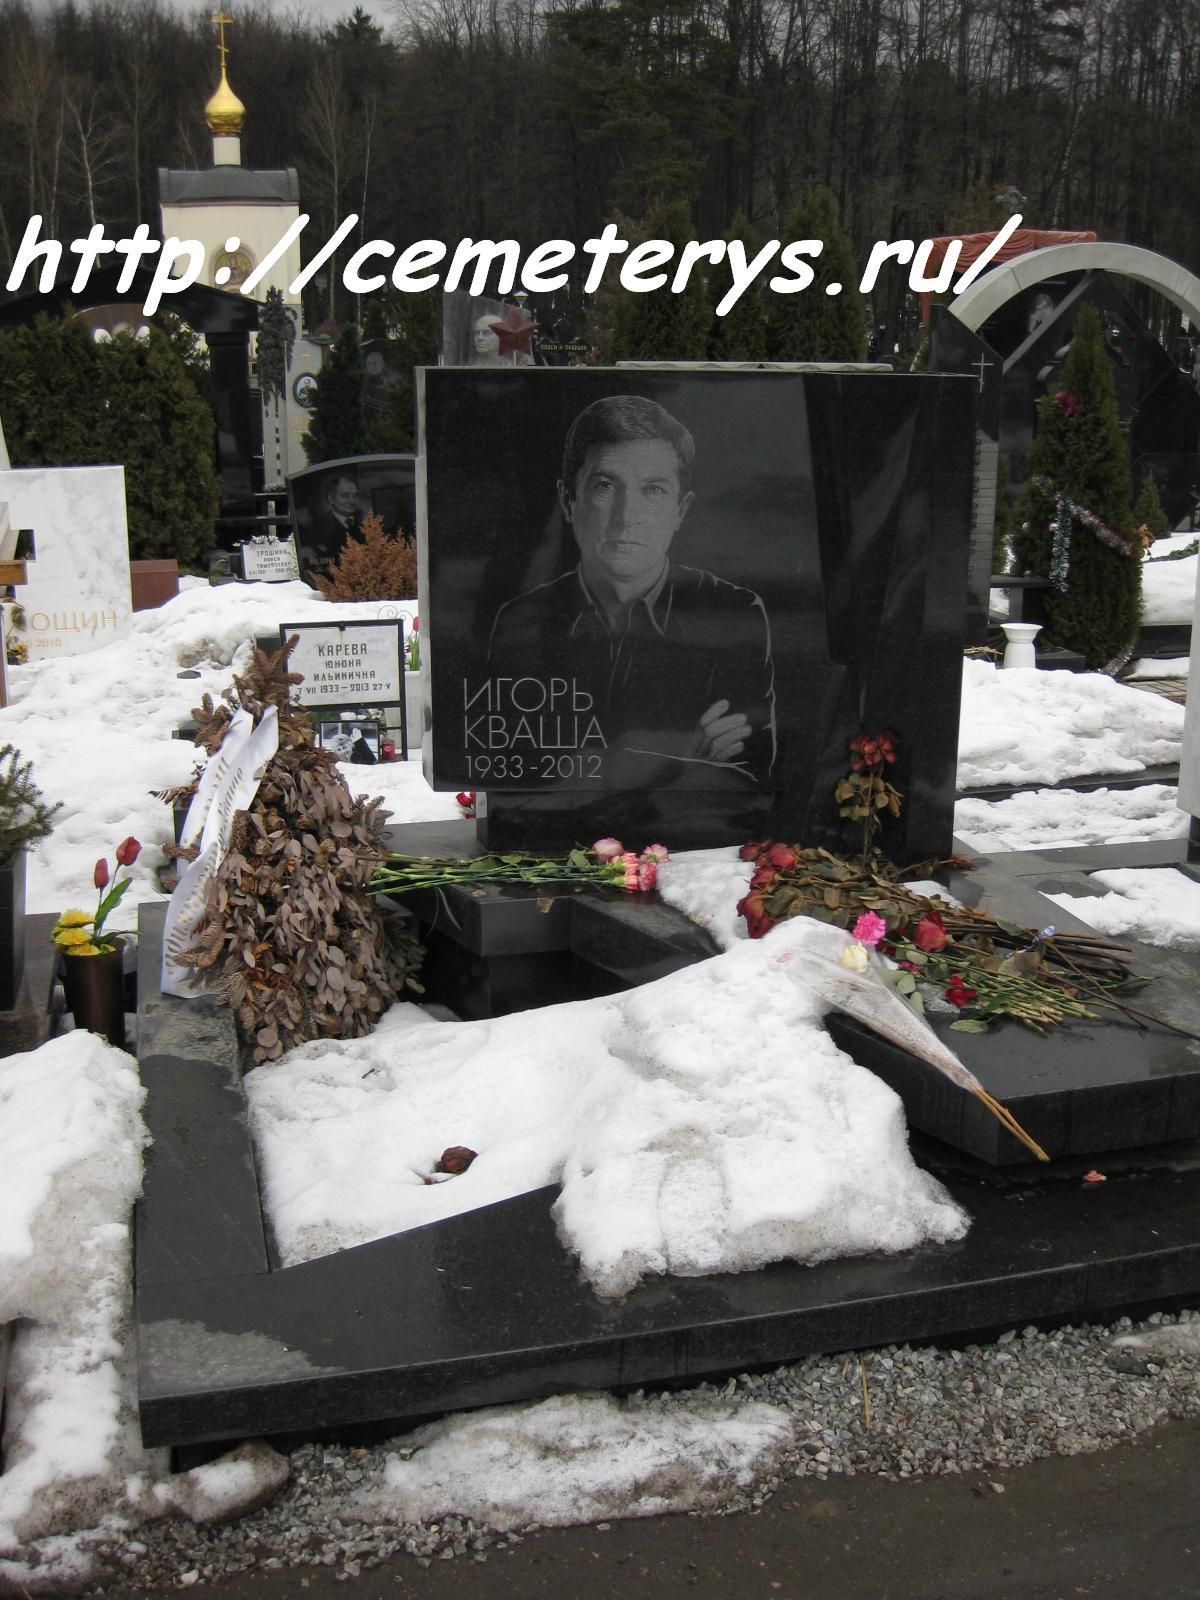 могила Игоря Кваши на Троекуровском кладбище в Москве ( фото Дмитрия Кондратьева)